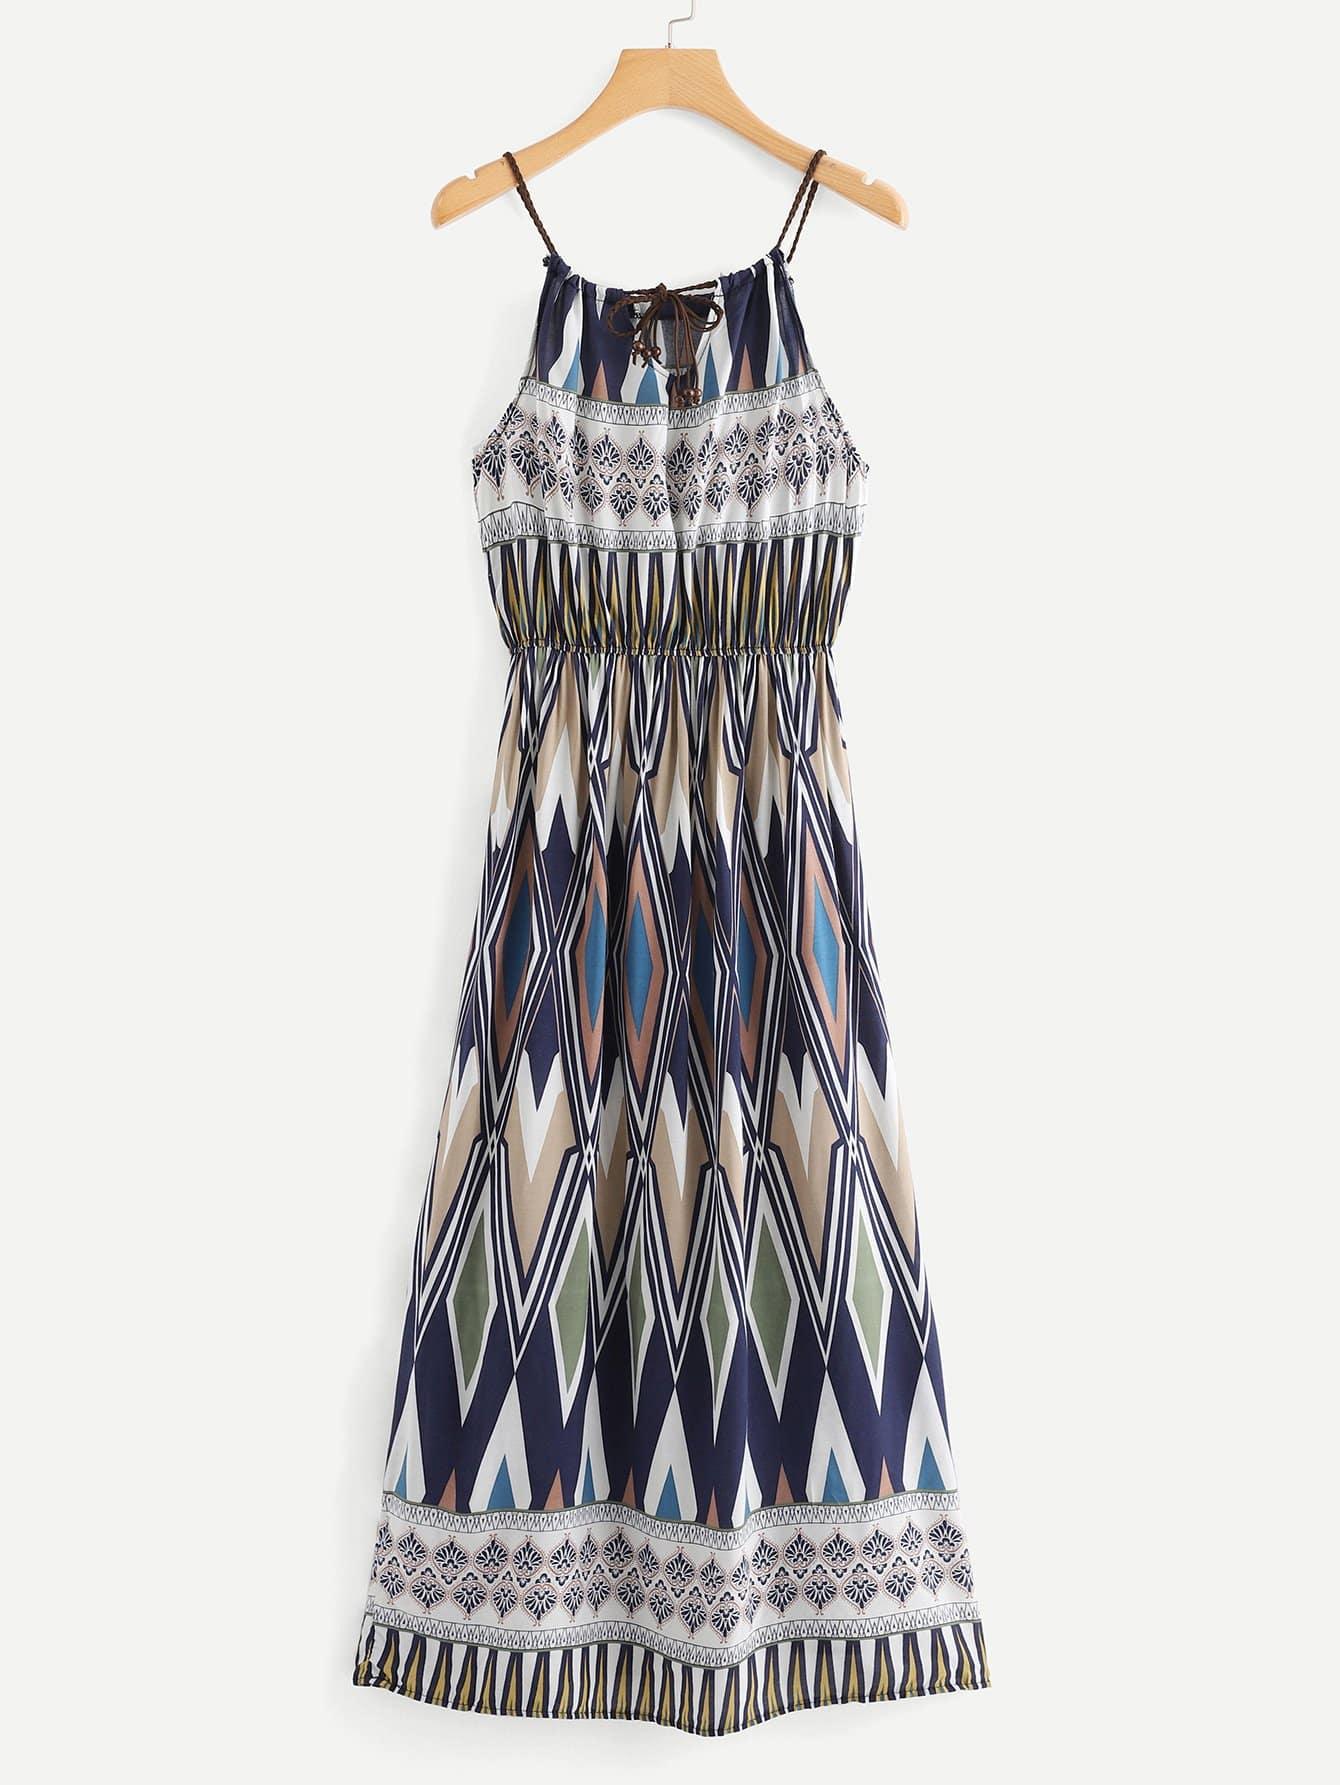 Cami Kleid mit Selbstbindung auf dem Ausschnitt und Muster